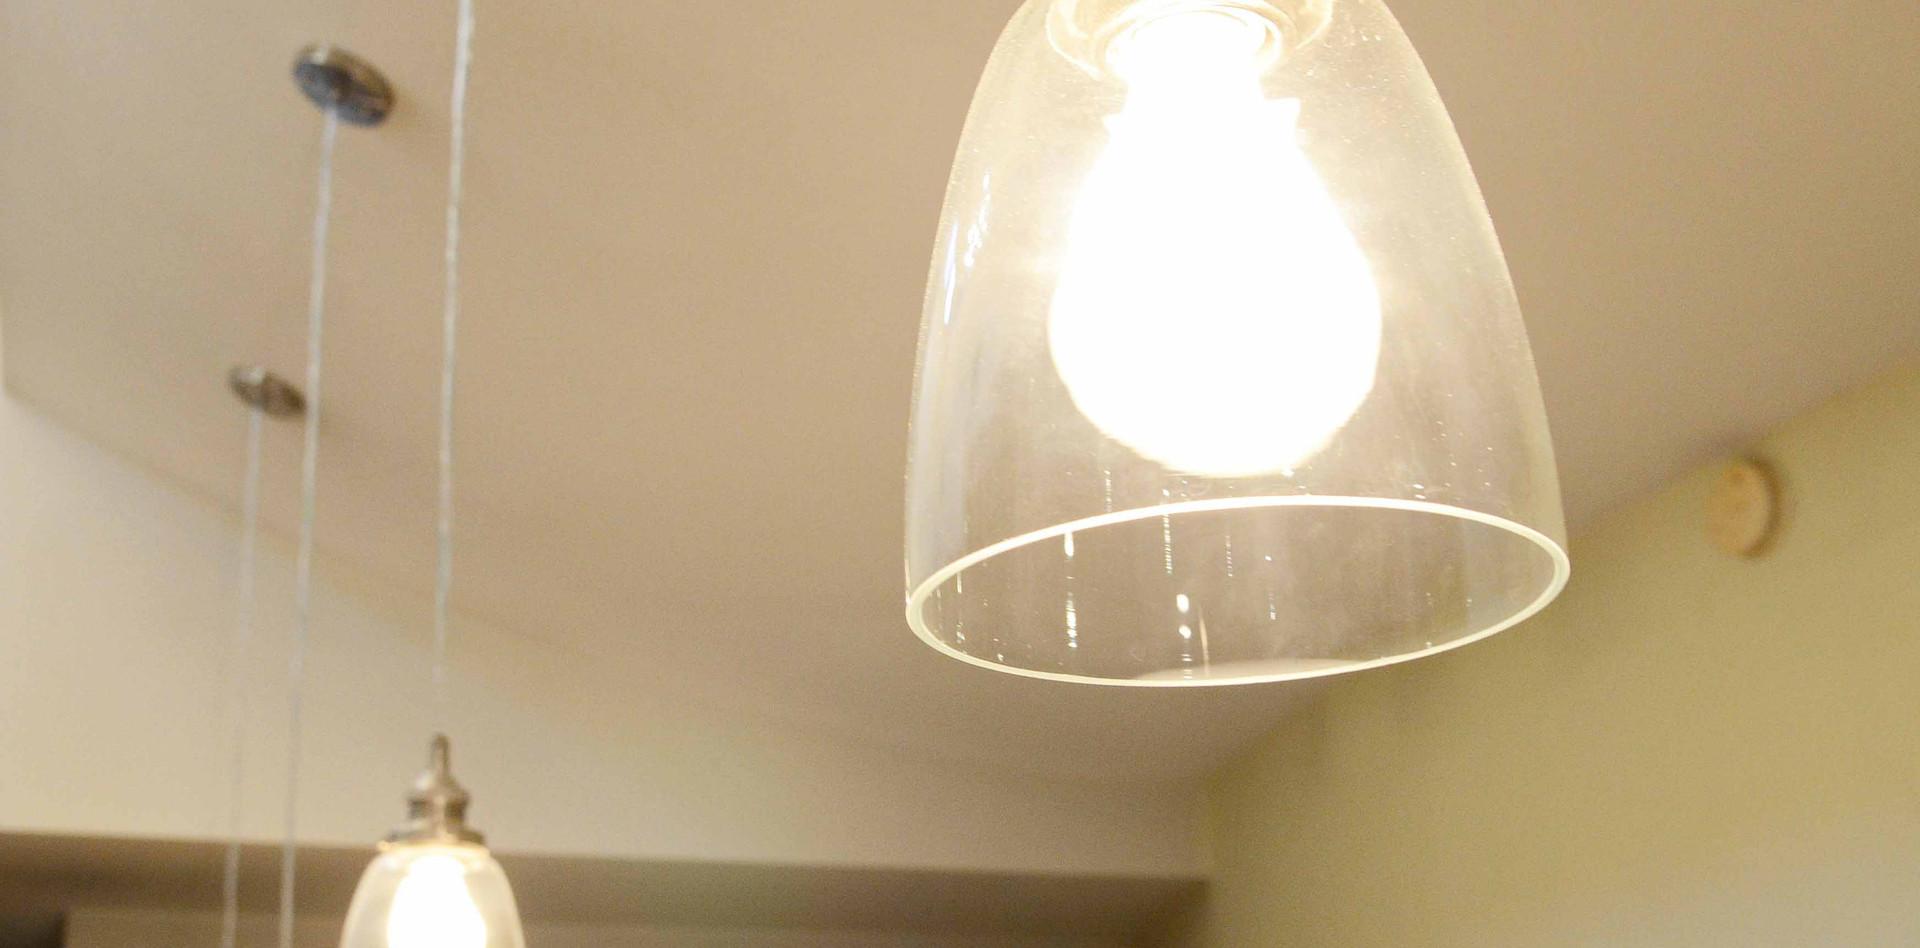 lighting_fixtures.jpg